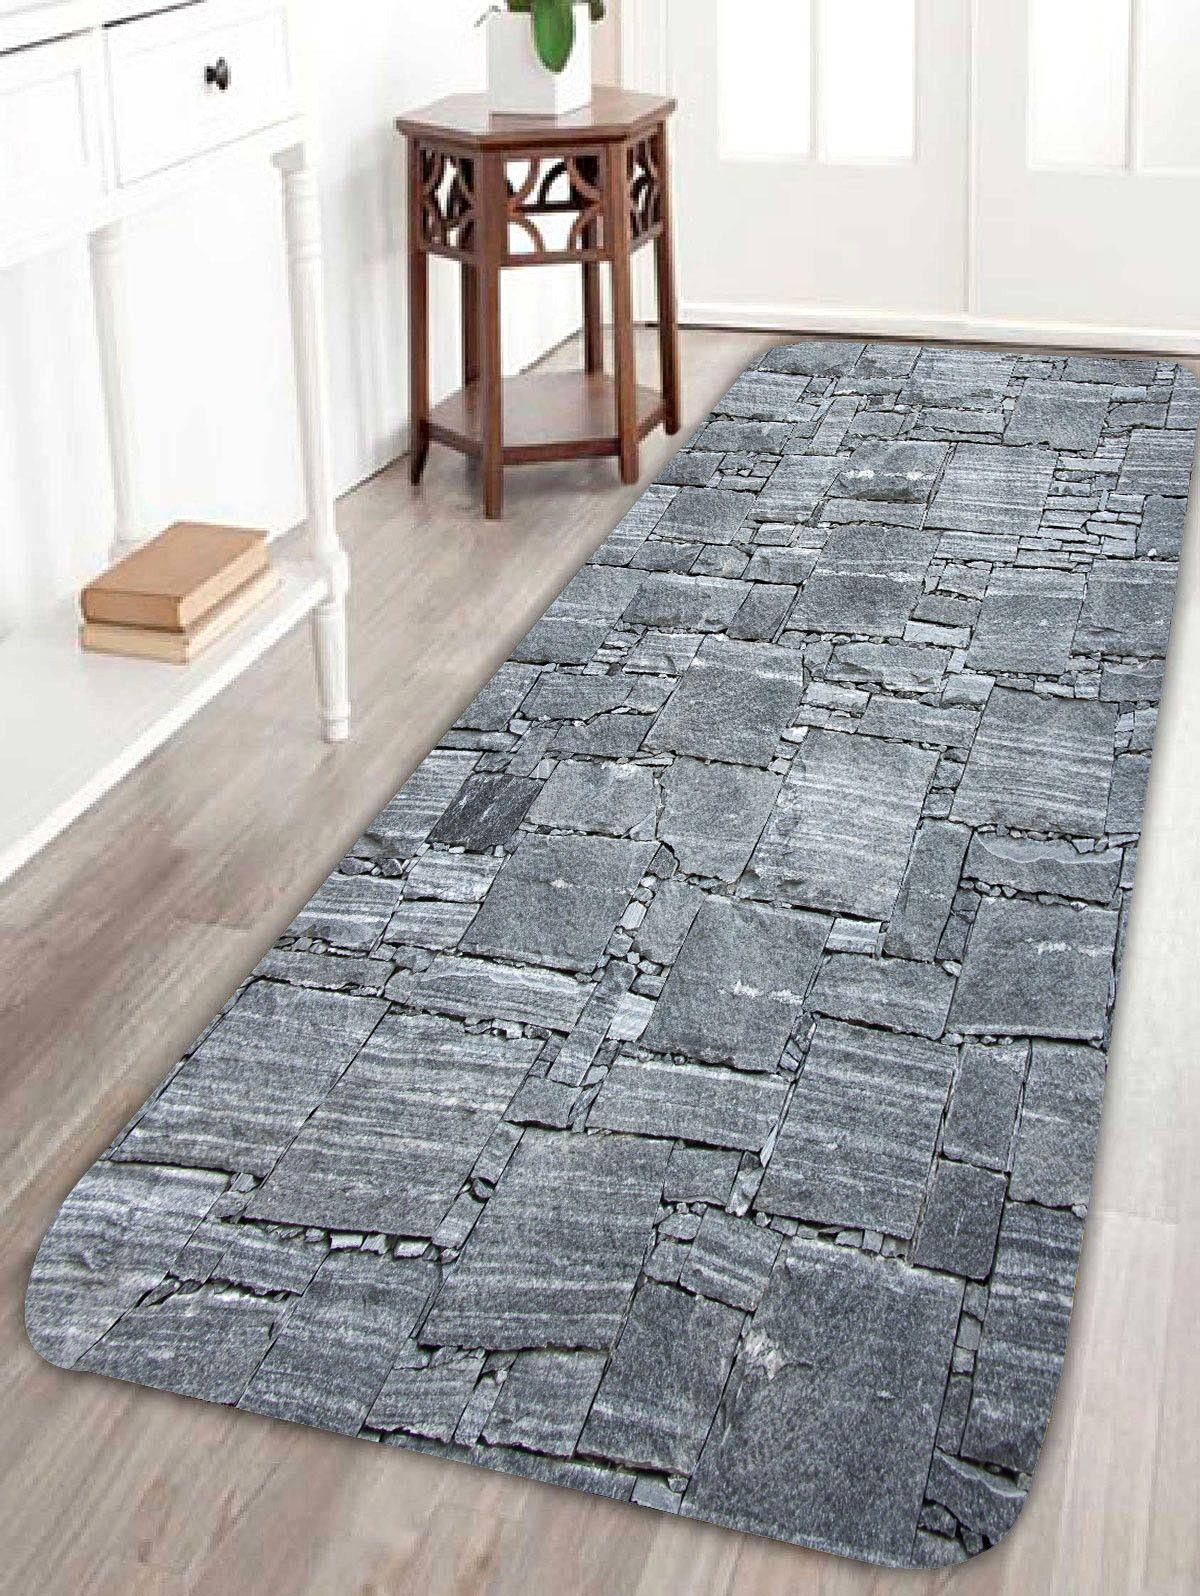 Slabstone pattern coral fleece large door mat